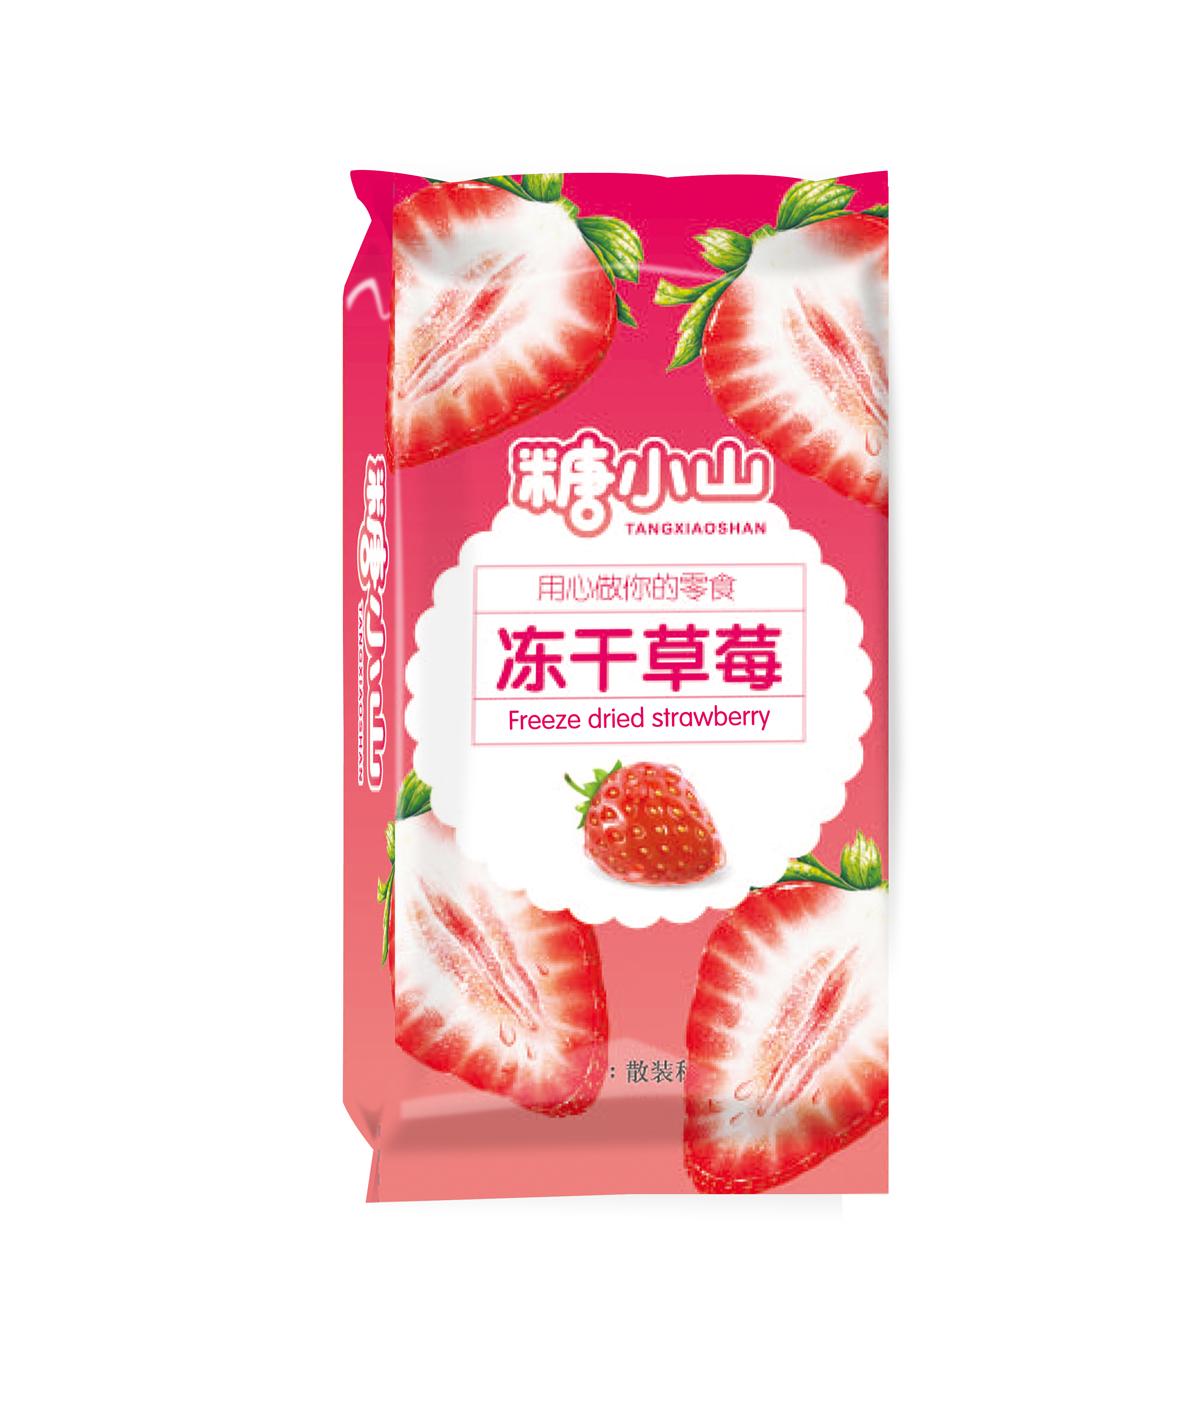 糖小山新品冻干草莓